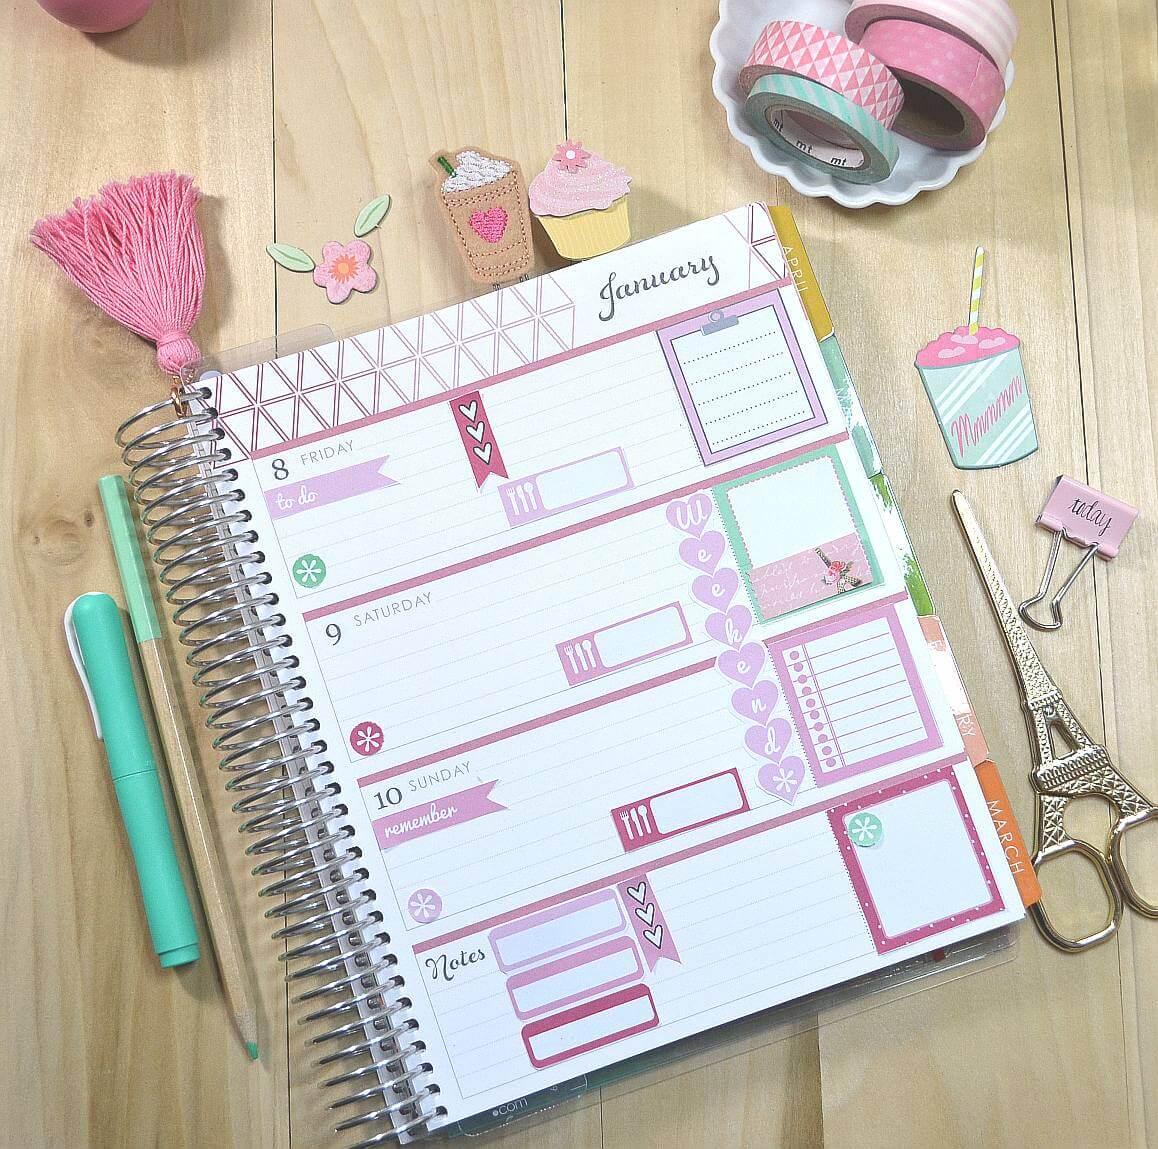 planner stickers layout - Erin Condren